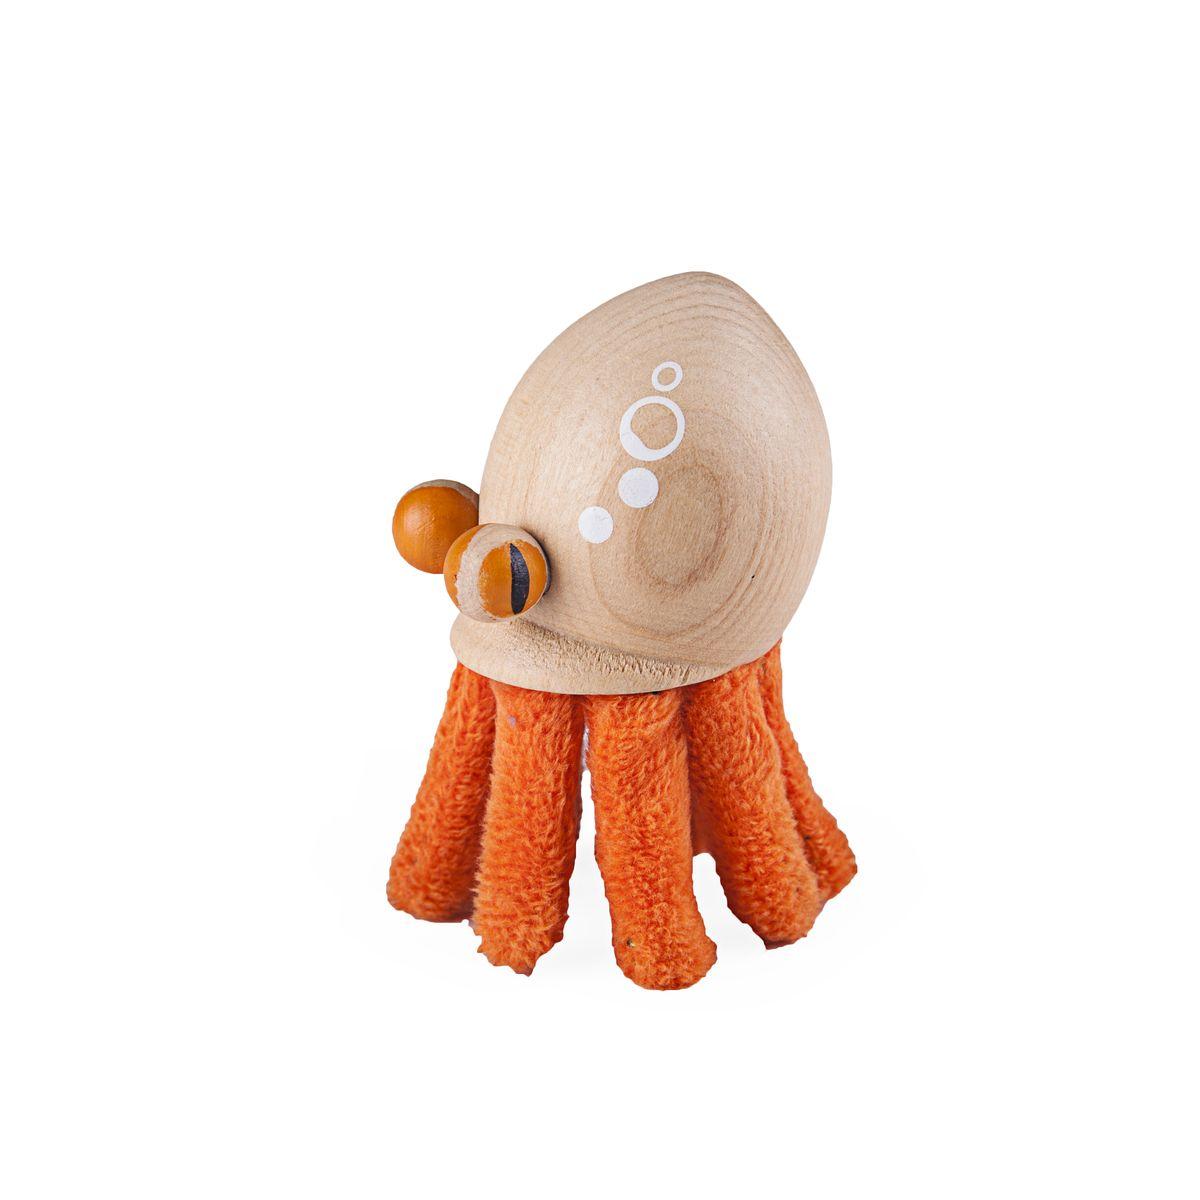 Игрушка деревянная Anamalz ОсьминогOC2010Придуманные австралийским дизайнером Луизой Косан-Скотт, игрушки AnaMalz завоевали более 15 отраслевых наград, включая Австралийскую международную награду в области дизайна, присуждаемую организацией Standards Australia. - Игрушки AnaMalz предназначены для детей от 3 лет - AnaMalz изготовлены из дерева, называемого schima superba или «игольчатое дерево» (быстрорастущее дерево, выращиваемое на лесных плантациях) - Рога изготовлены из термопластичной резины (TPR) – материала, одобренного Управлением по контролю качества пищевых продуктов и медикаментов (FDA). Смесь TPR с древесной мукой является экологичной альтернативой пластмассе - Все игрушки AnaMalz раскрашиваются вручную с использованием безопасной для детей краски и клея без содержания формальдегида - Древесные отходы от производства AnaMalz используются на ферме для выращивания грибов AnaMalz завоевали популярность во всем мире. Они стали участниками телевизионных шоу TODAY, шоу Марты Стюарт, Daily Candy Kids и USA...